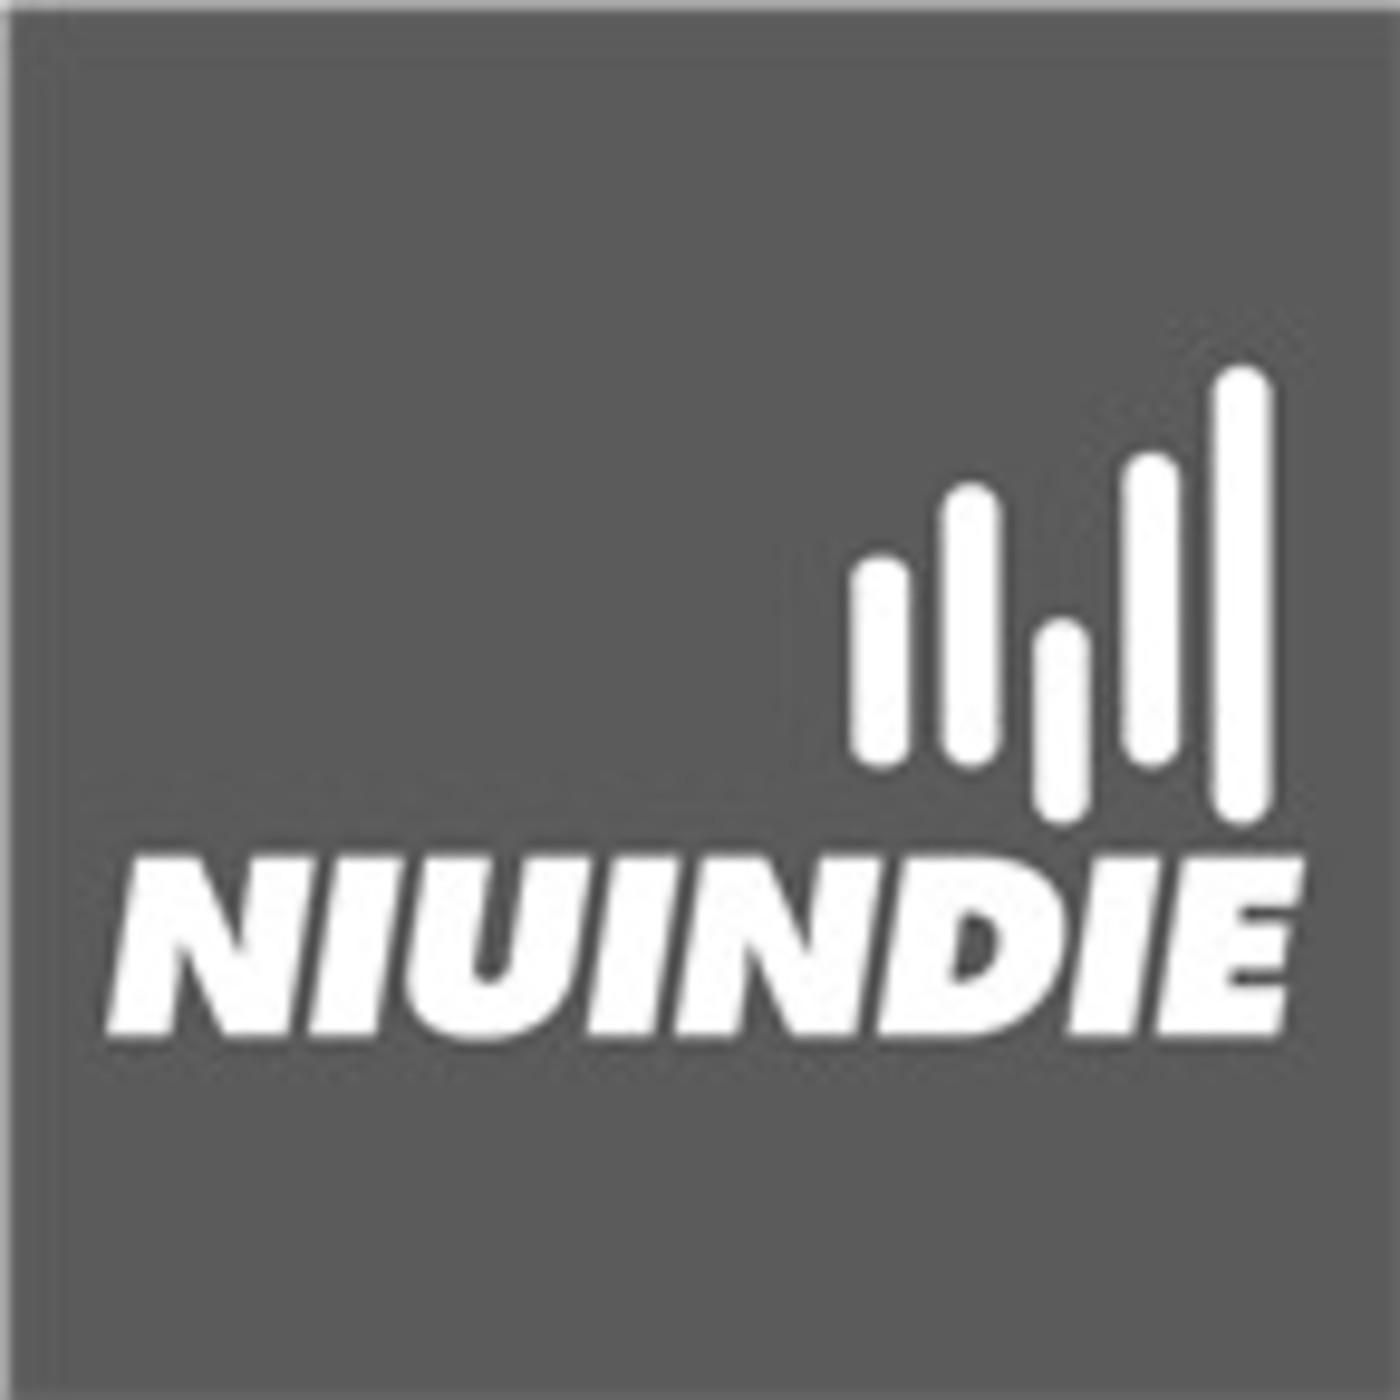 Niu Radio | Niu Indie